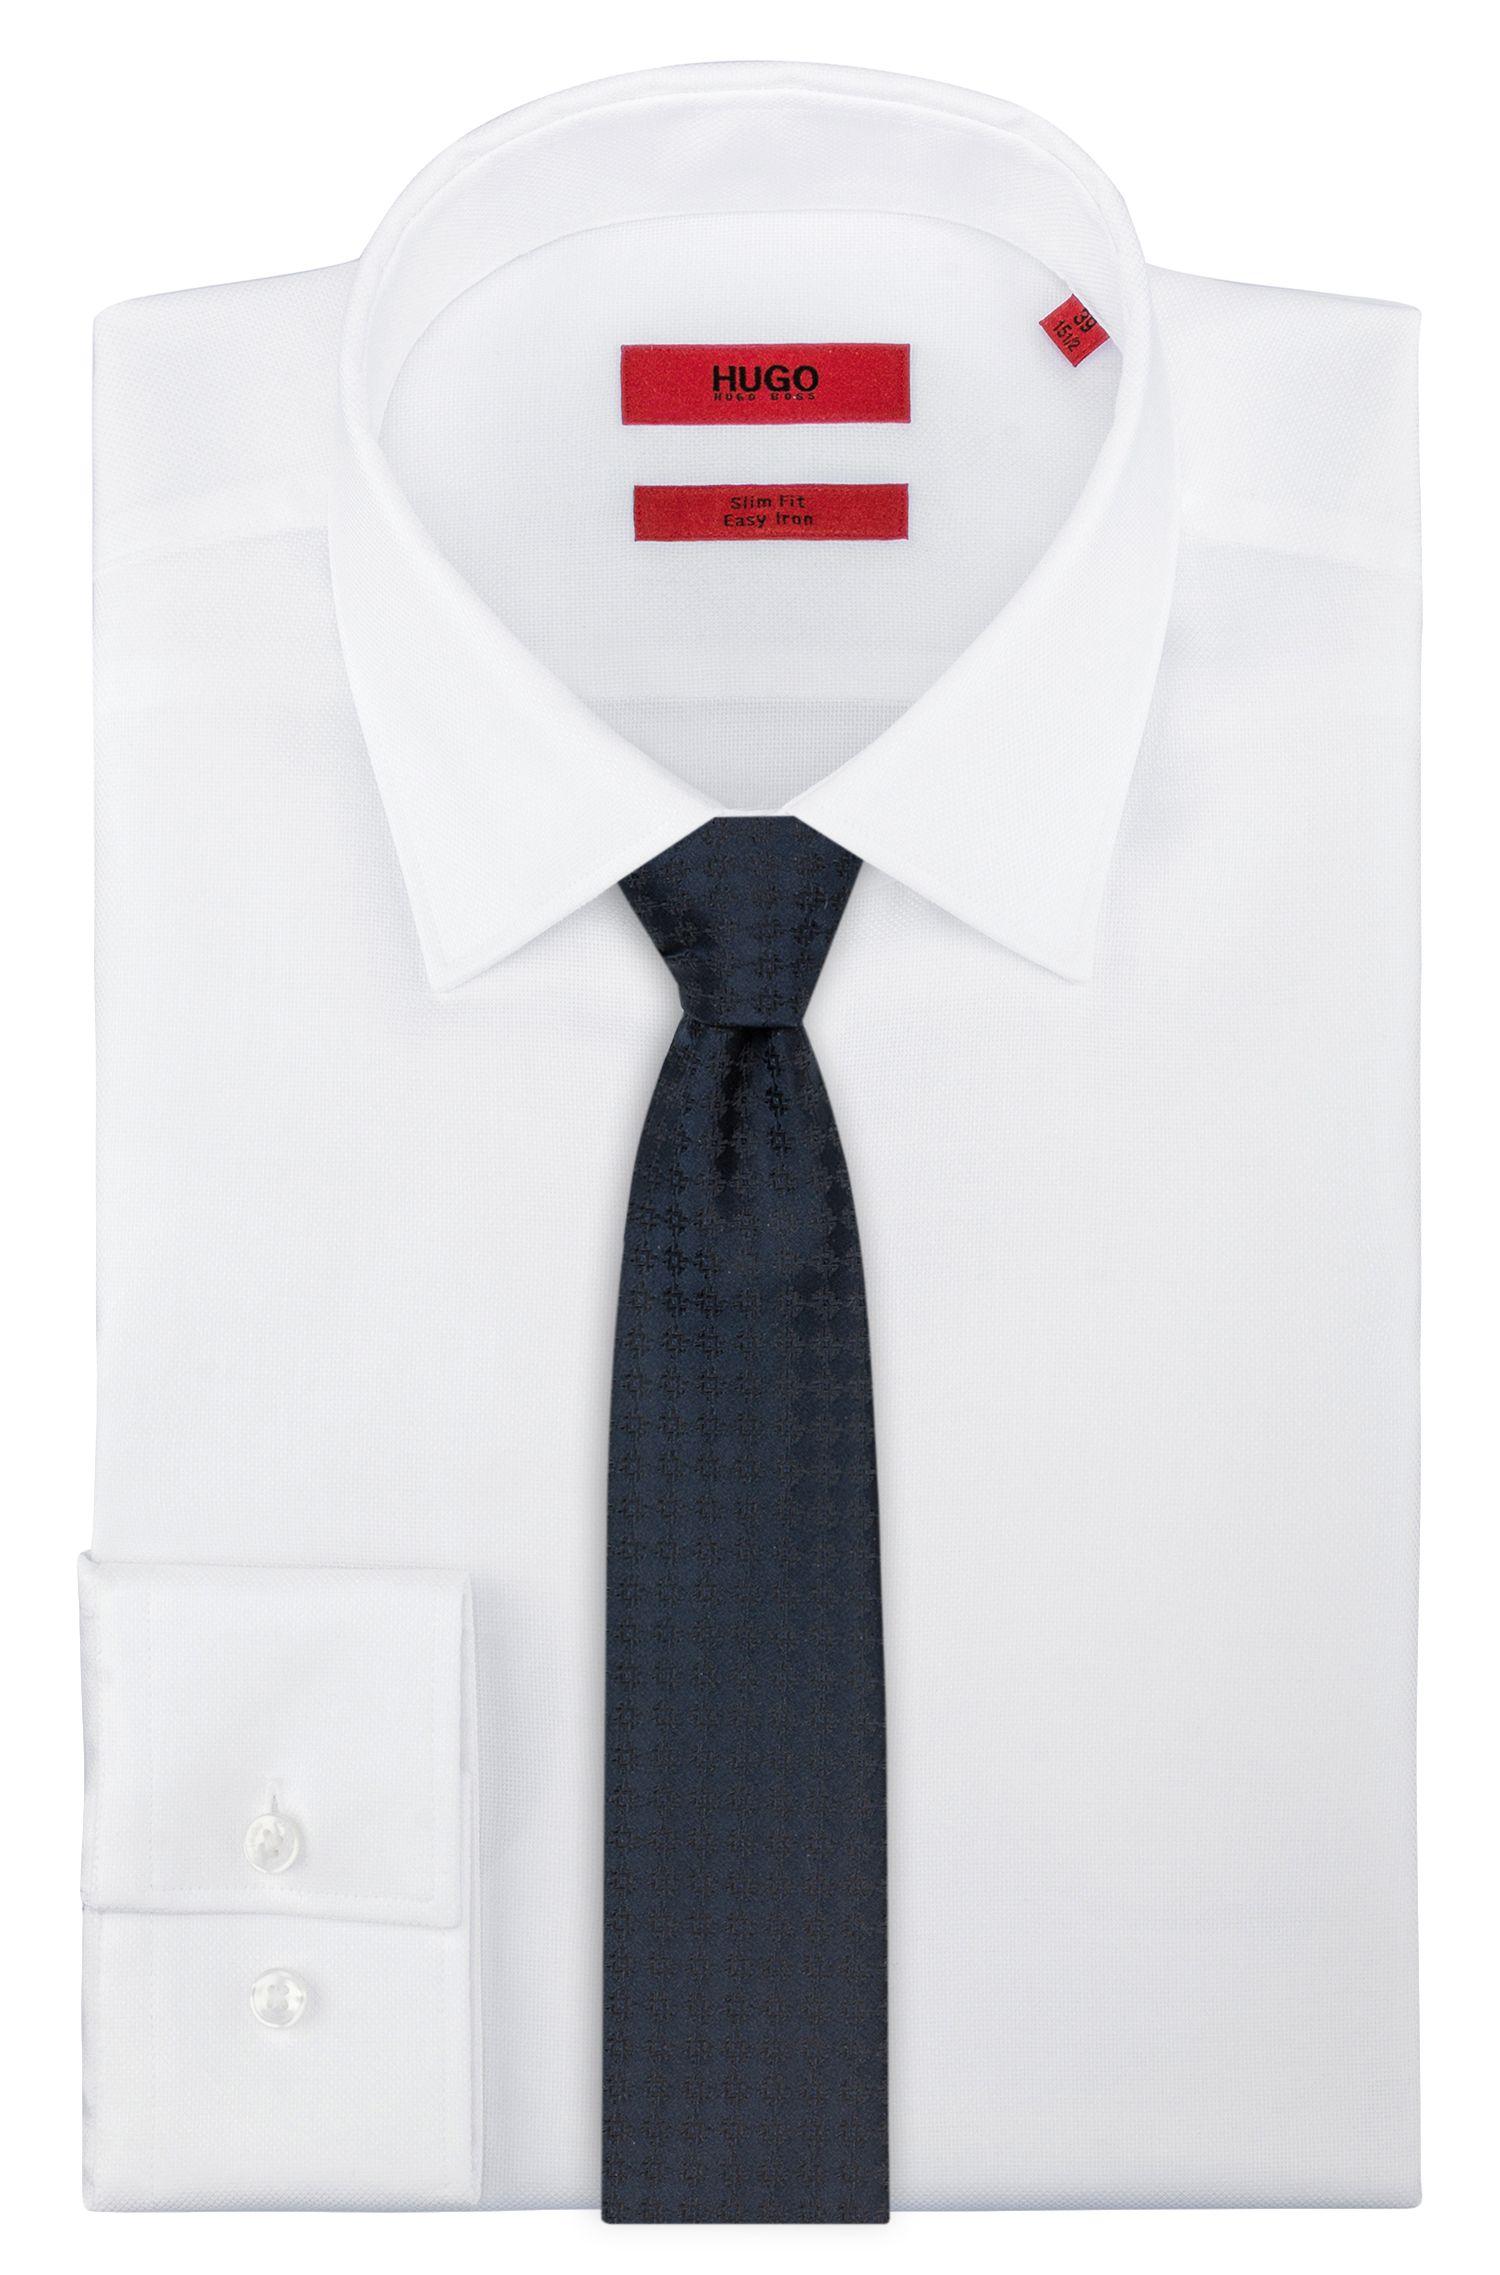 Cravate en jacquard de soie à motif texturé, Fantaisie